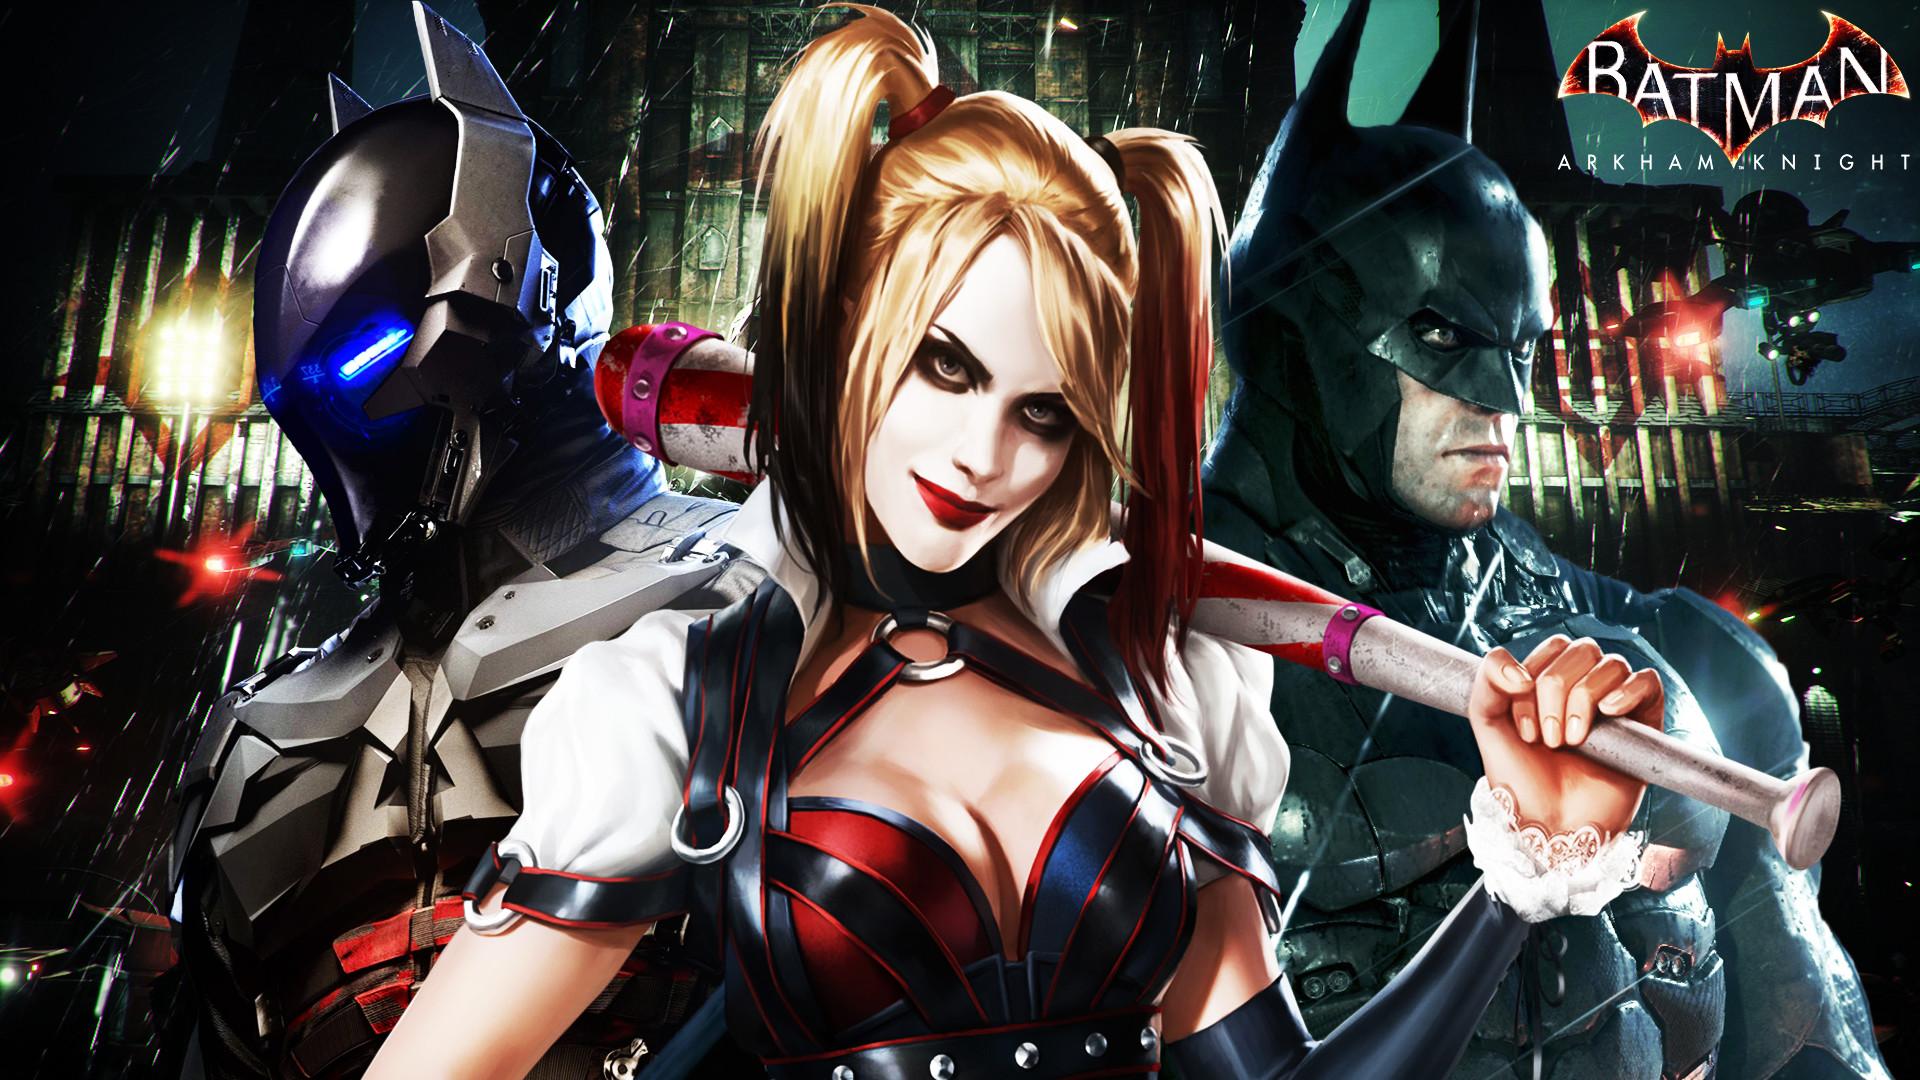 … Batman Arkham Knight HD Wallpaper-2 by RajivCR7